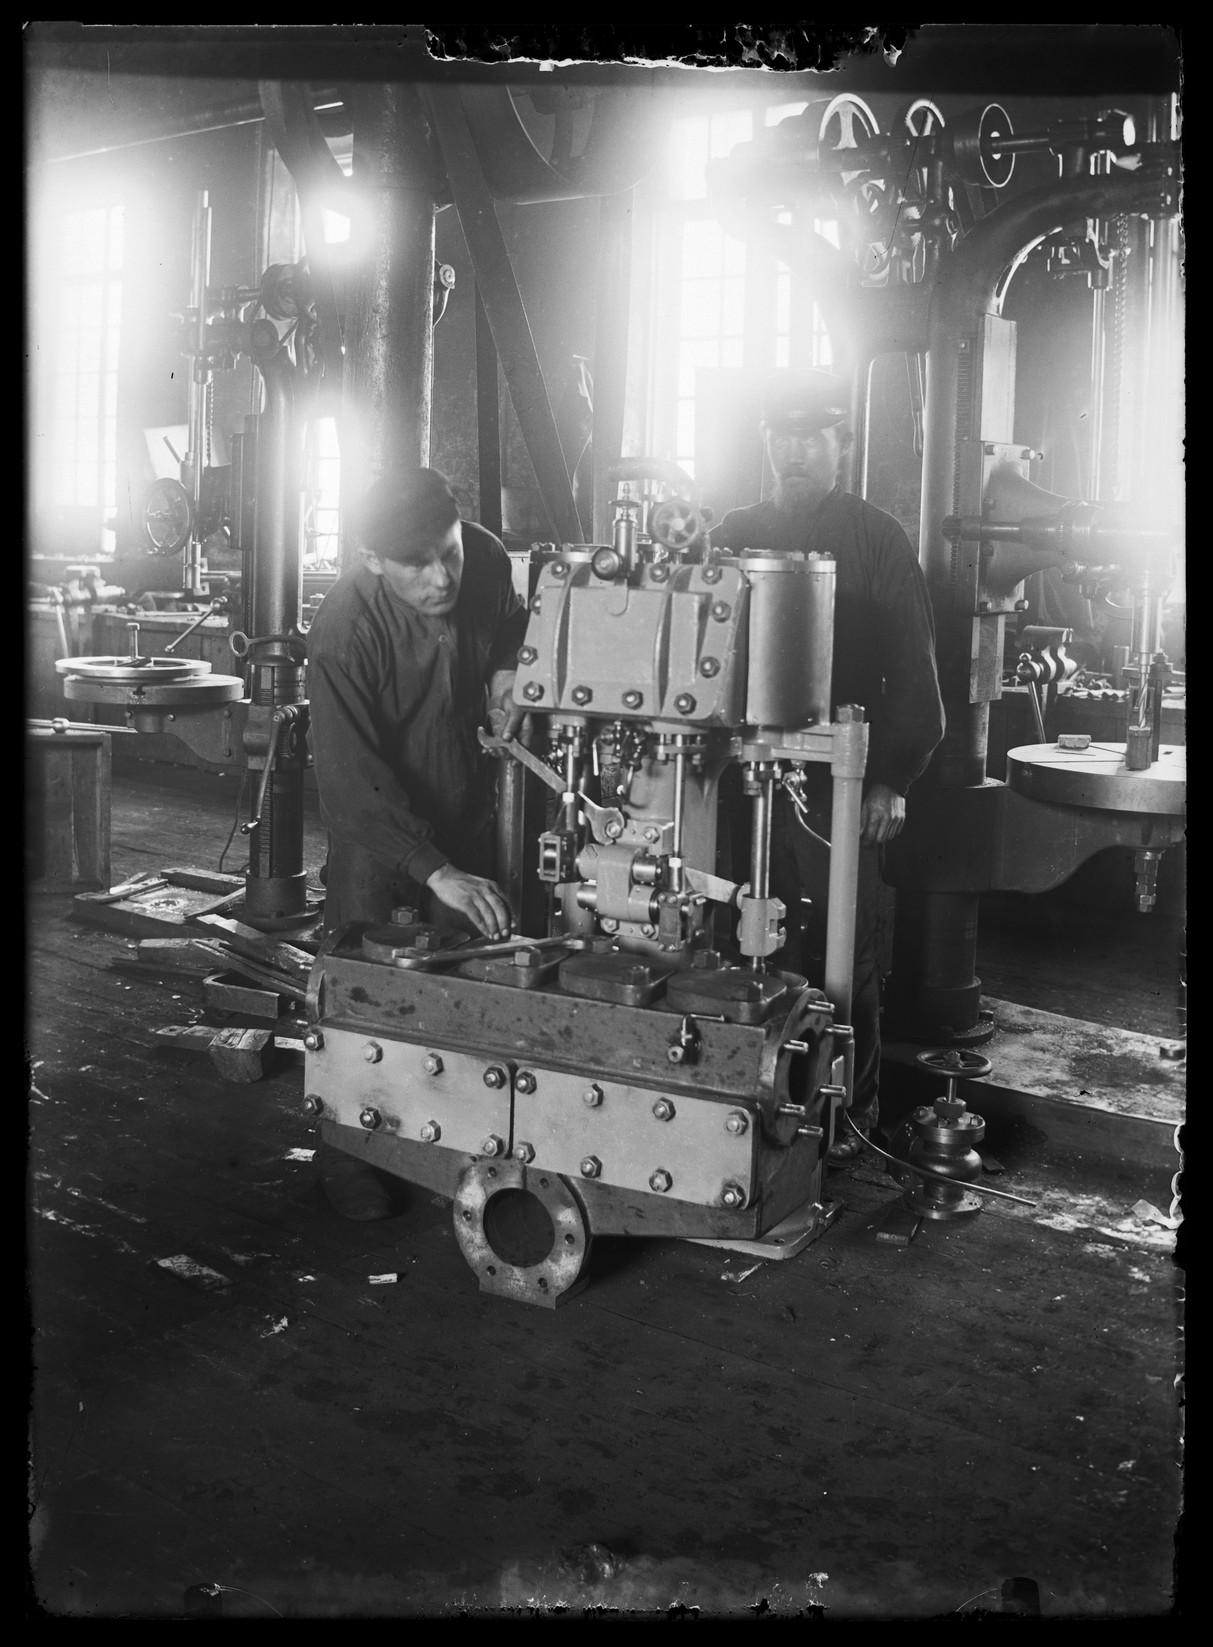 Ремонтная мастерская на  железнодорожной станции Таммерфорс